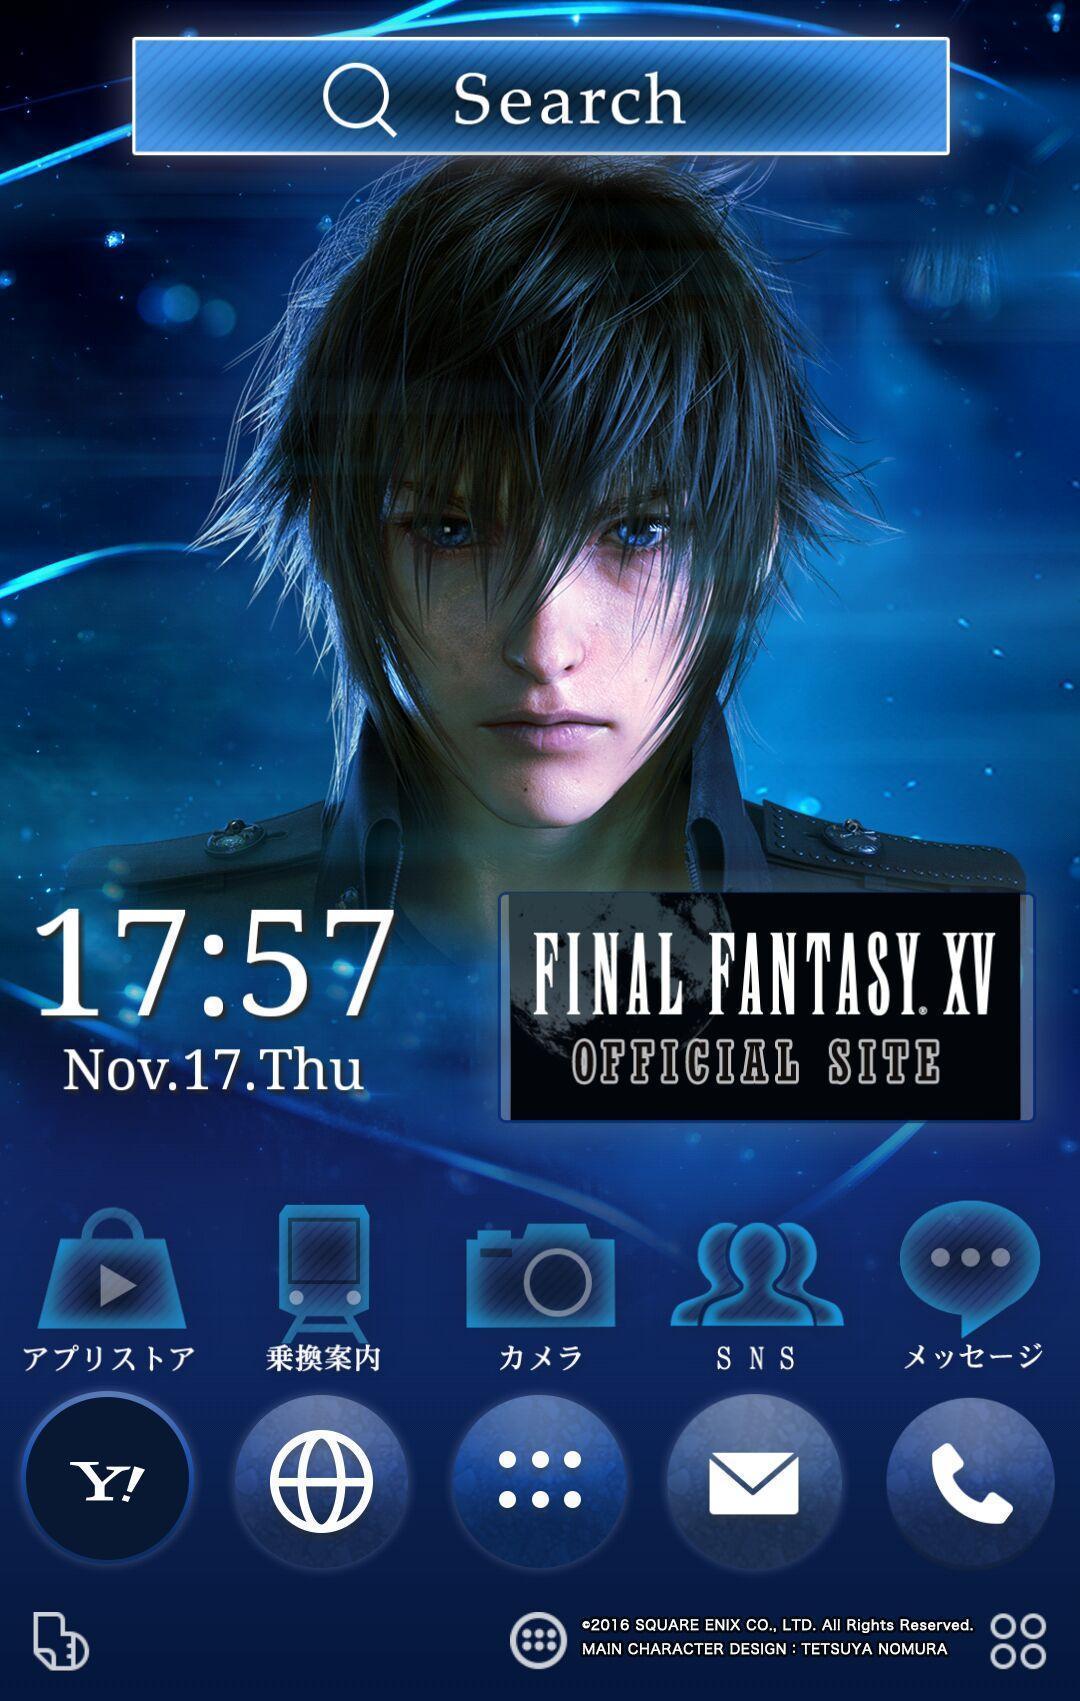 Android 用の Final Fantasy Xv Ff15 壁紙きせかえ Apk をダウンロード